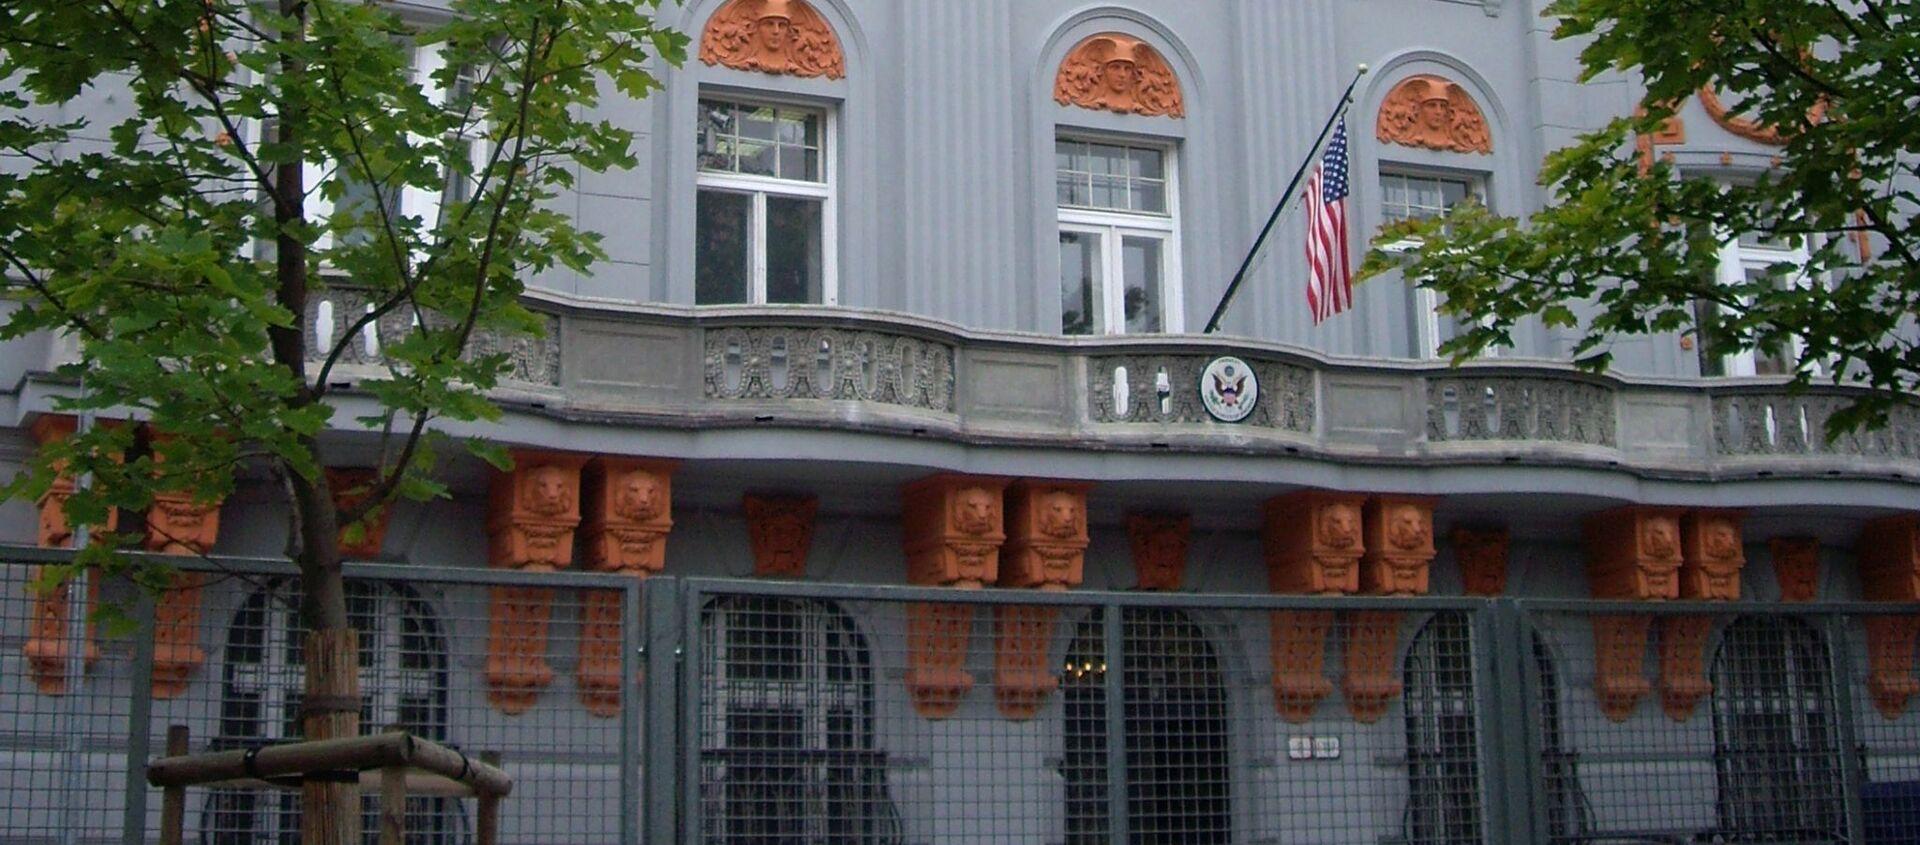 Americká ambasáda v Bratislavě  - Sputnik Česká republika, 1920, 16.04.2021